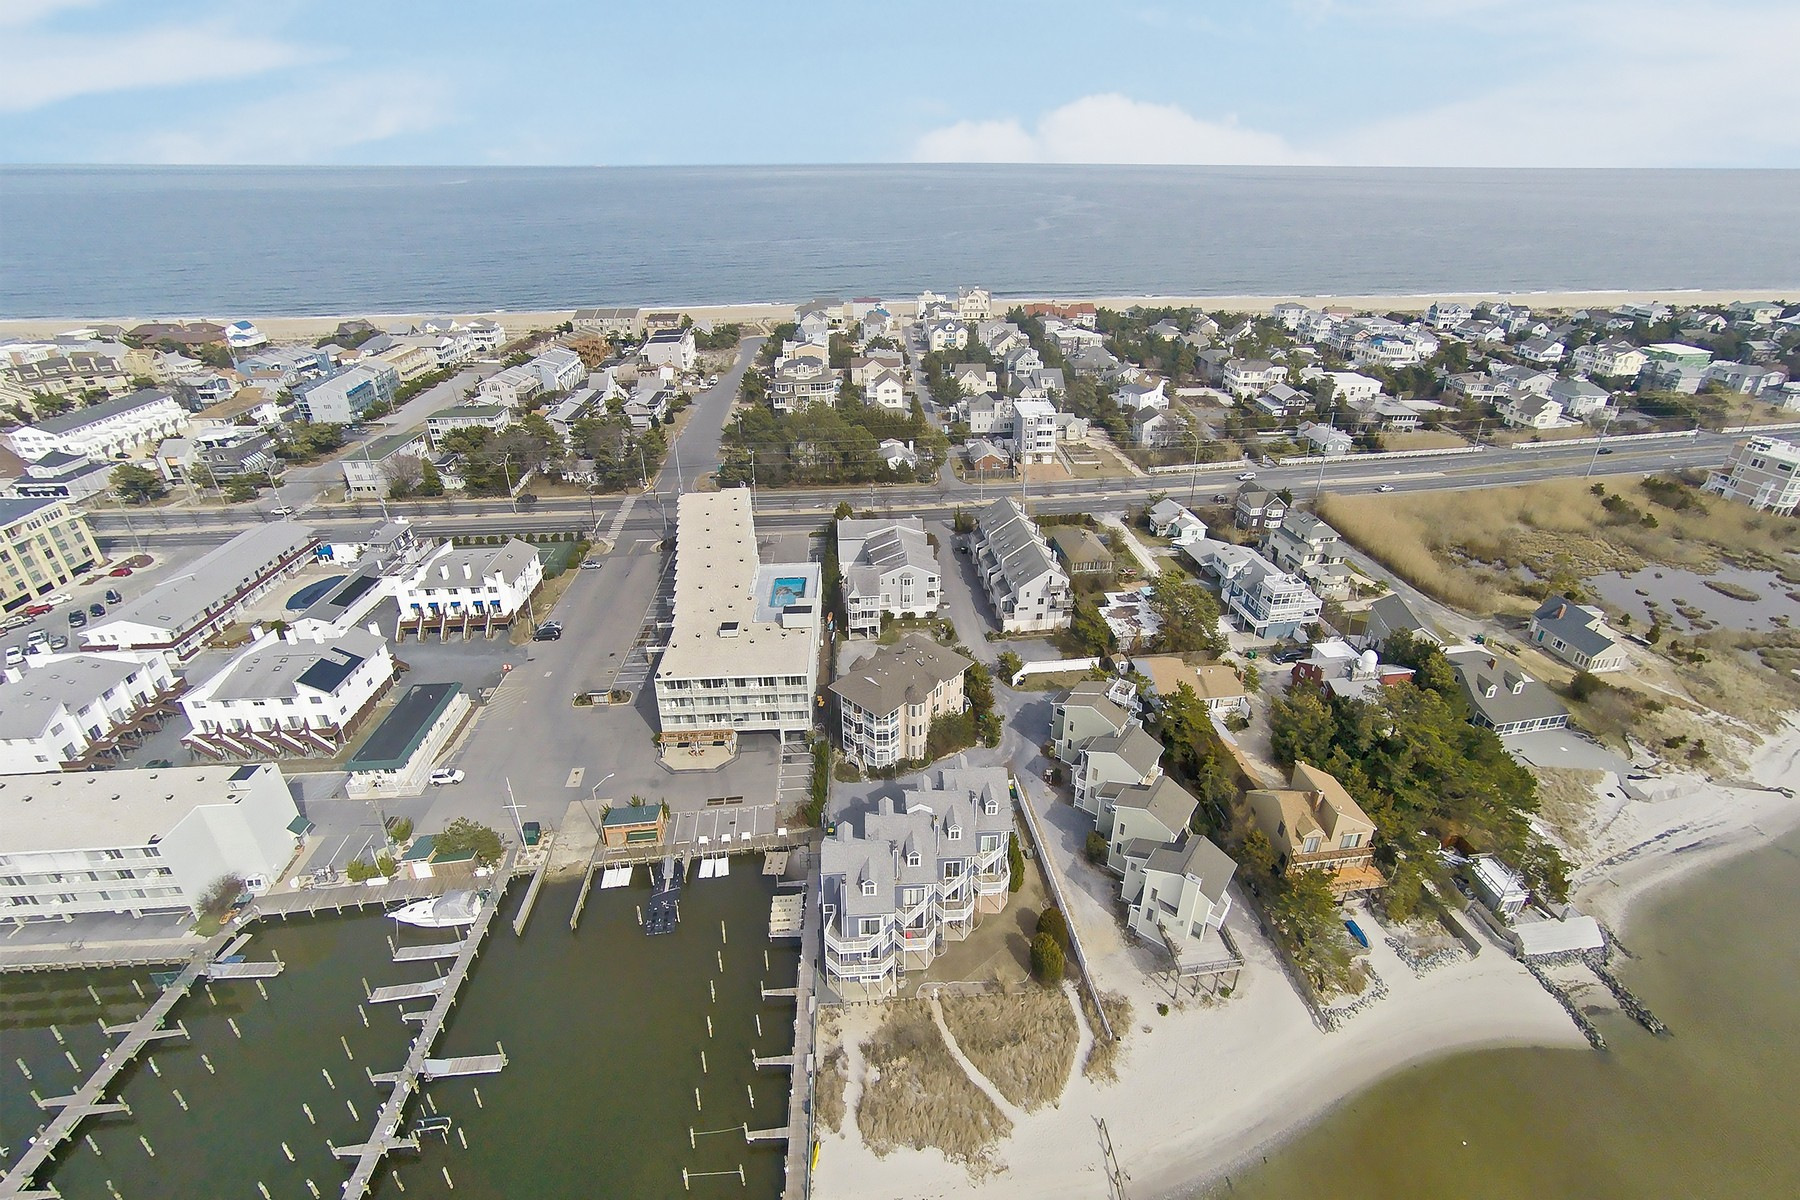 Condomínio para Venda às 1113 Anchor Way , 1113, Dewey Beach, DE 19971 1113 Anchor Way 1113, Dewey Beach, Delaware, 19971 Estados Unidos